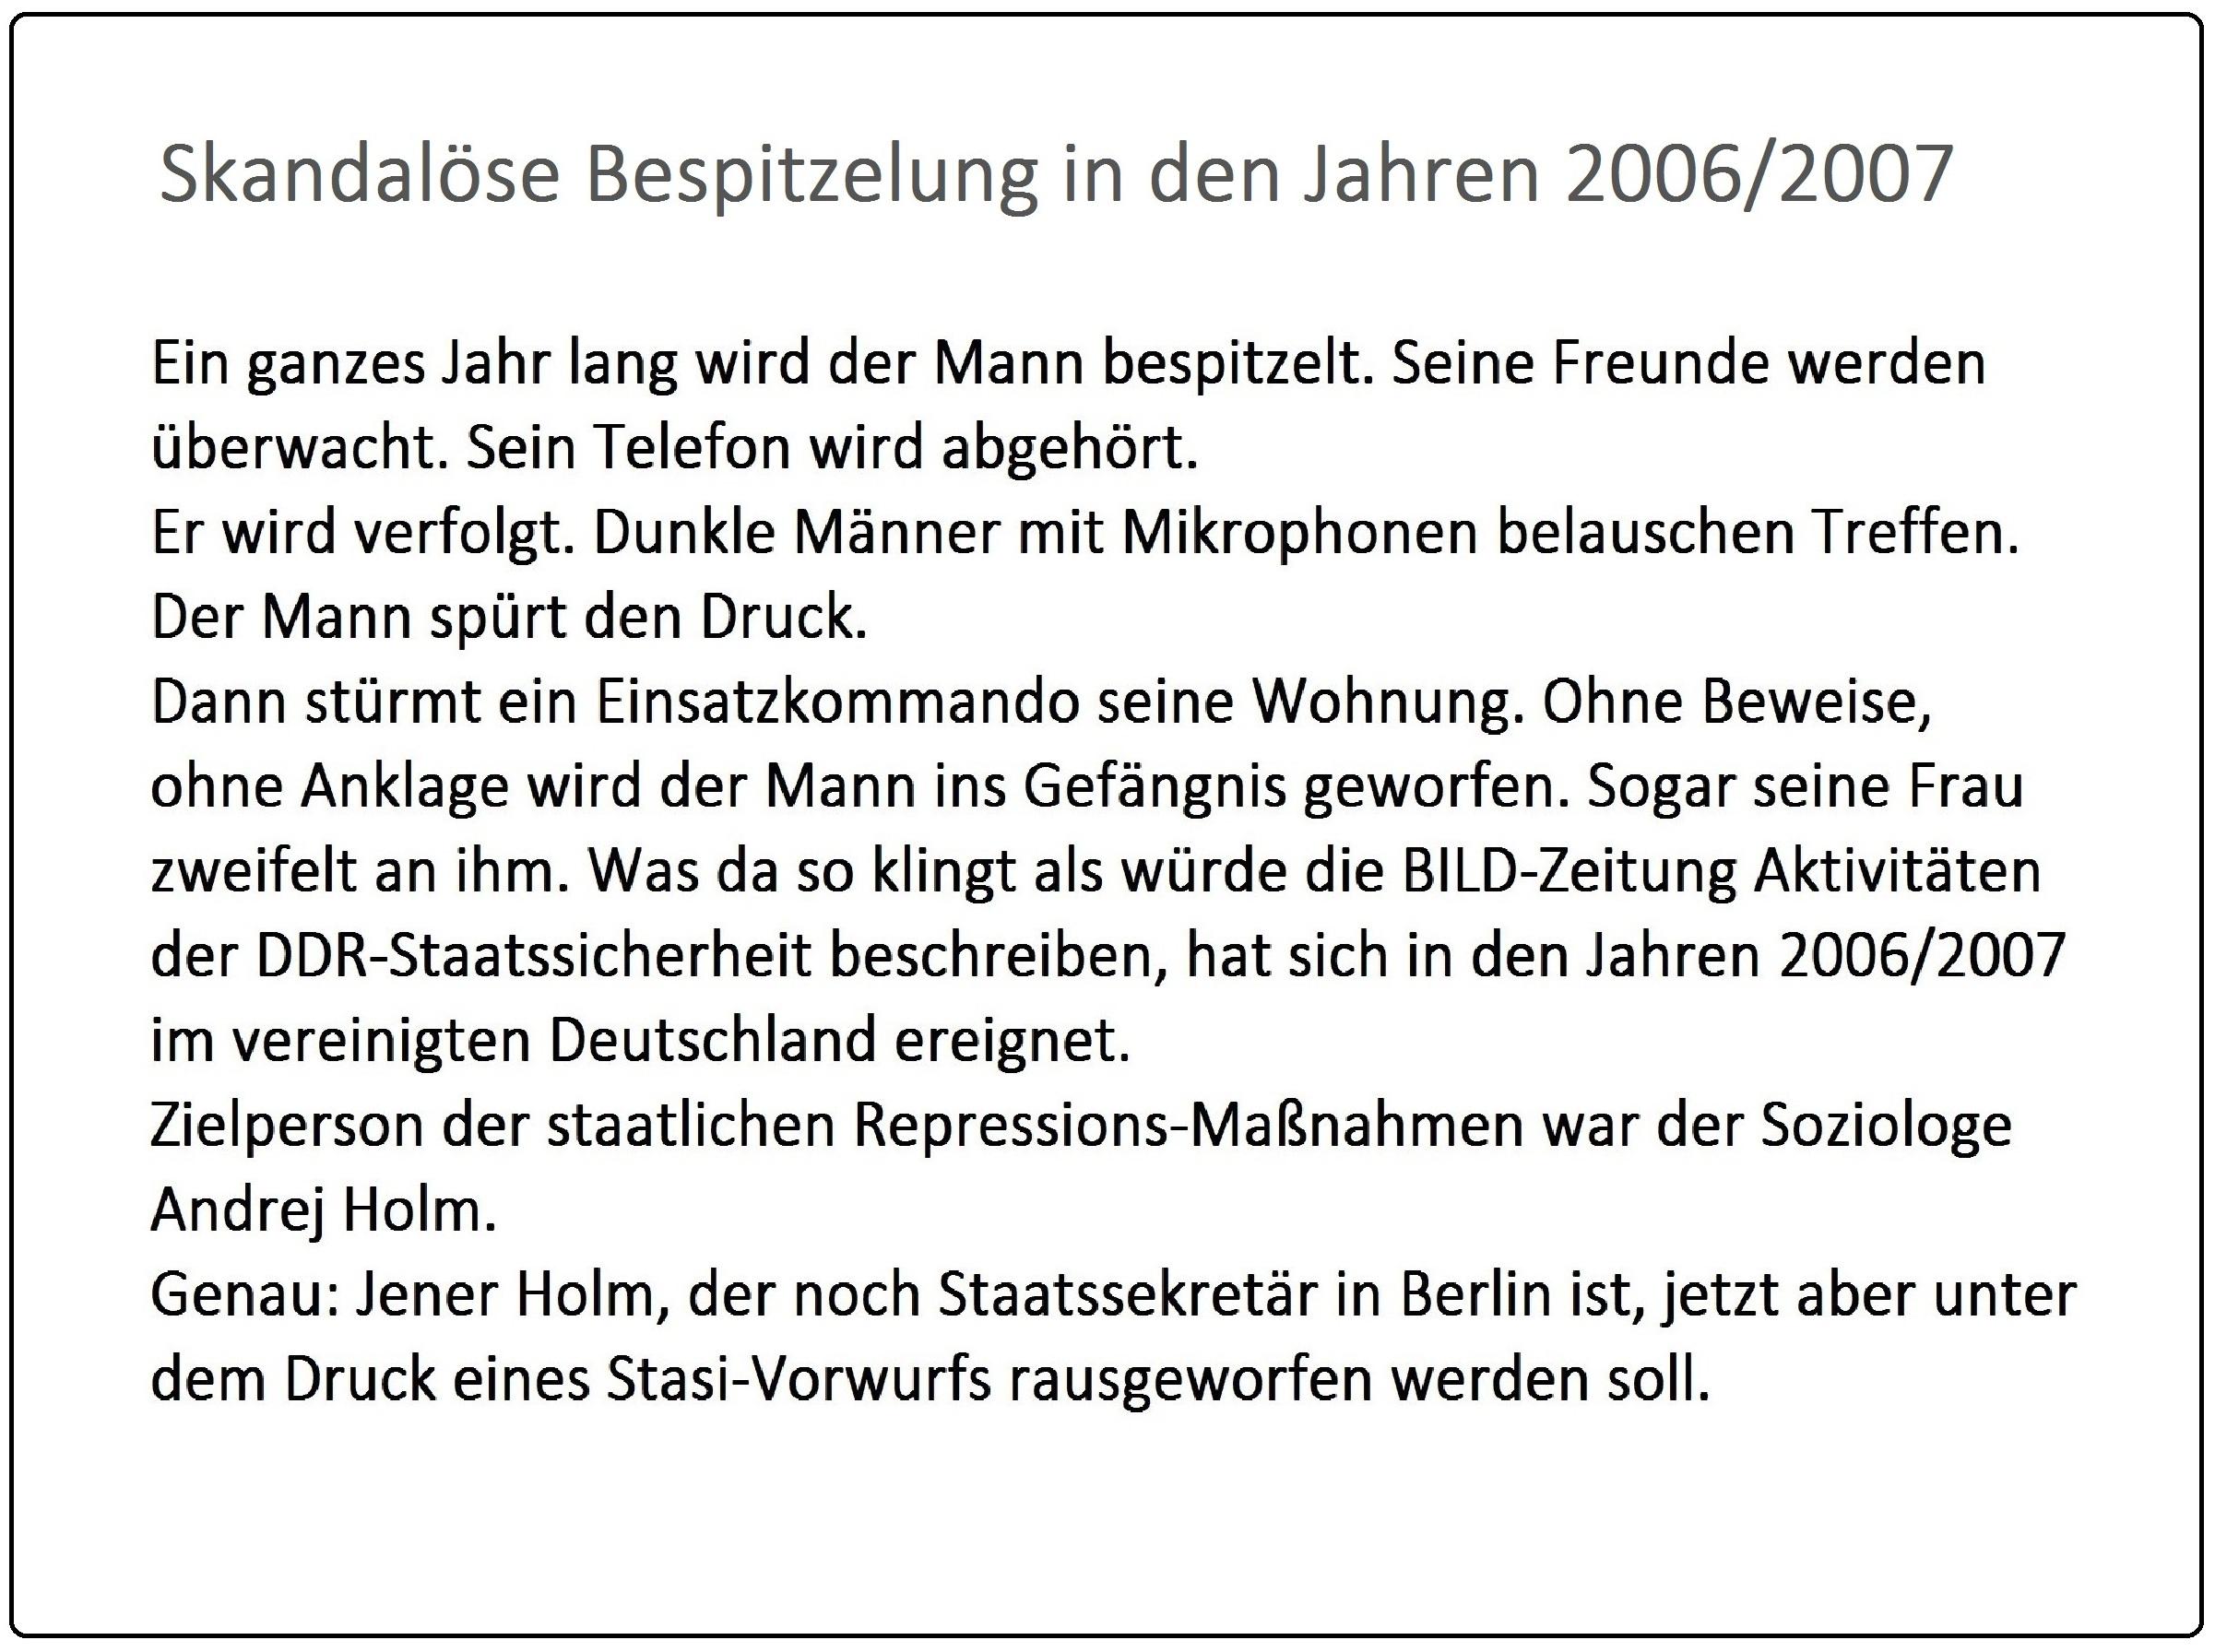 Skandalöse Bespitzelung in den Jahren 2006/2007 - Startseite: Der tiefe Staat schlägt zurück - Rot-Rot-Grünes Projekt vom Stasi-Torpedo getroffen - Rationalgalerie.de - Autor des Beitrages:  Ulrich Gellermann - Datum: 16. Januar 2017